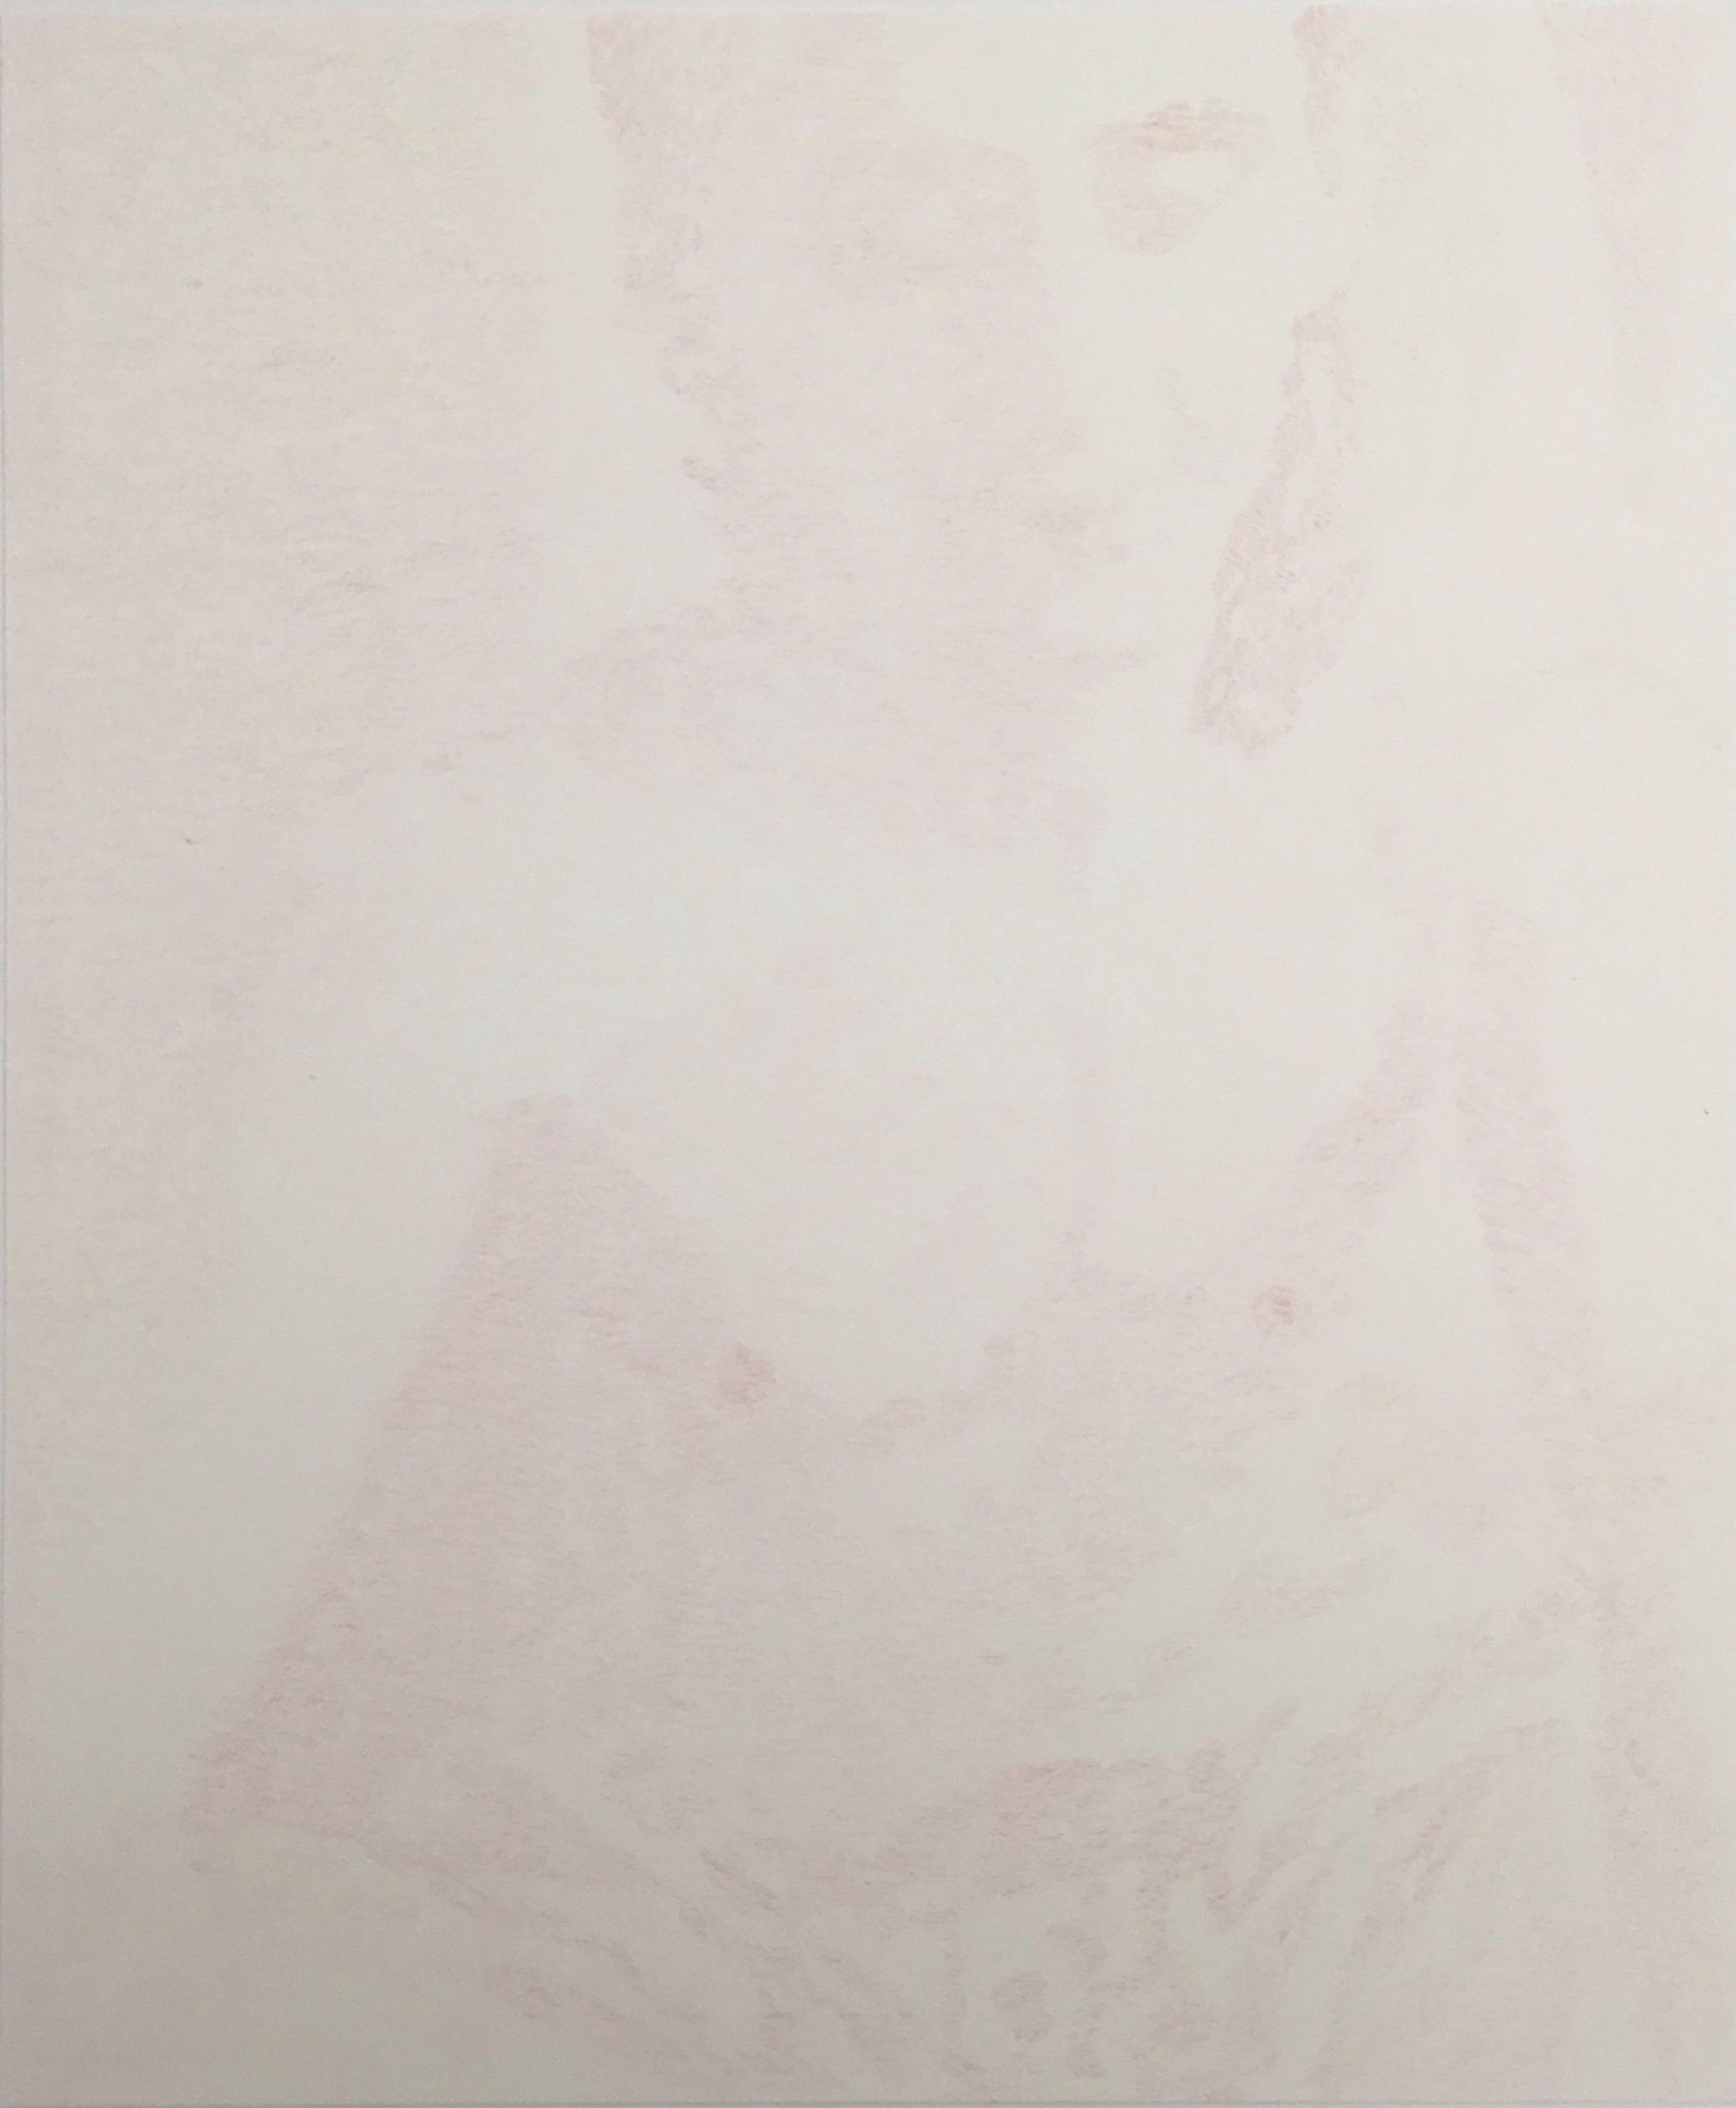 Jean Crotti, crayon sur papier, 34x42 cm, 2012.